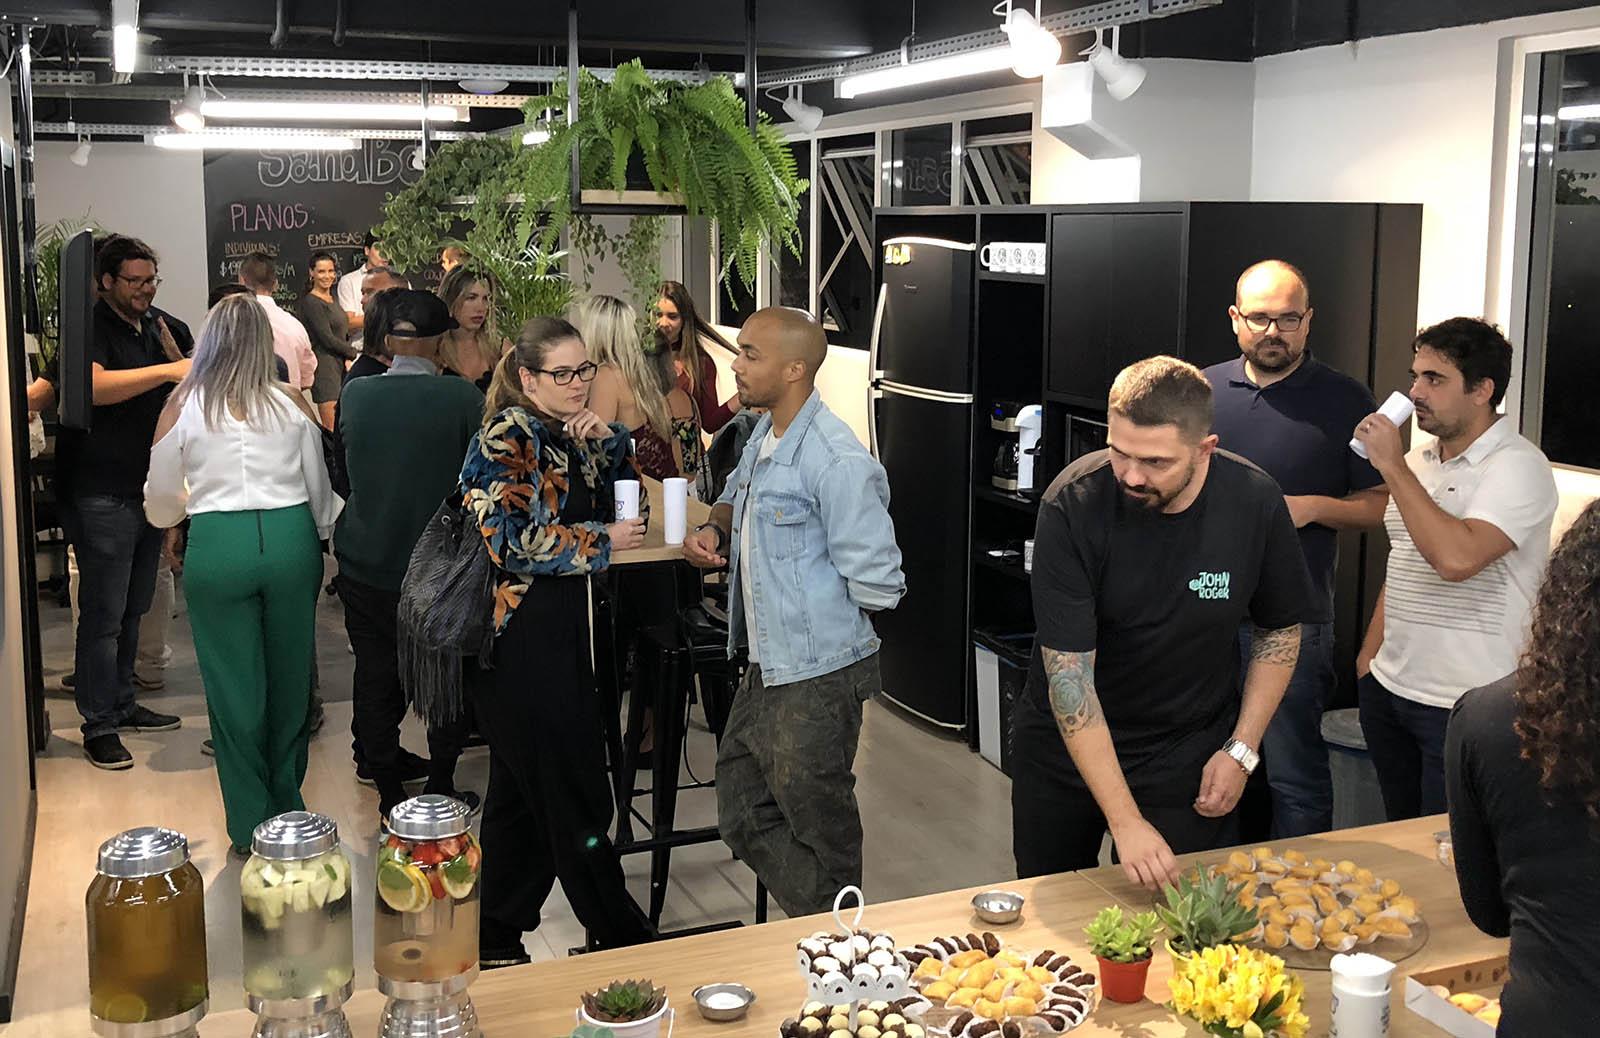 Eventos de networking no sandbox coworking em florianópolis